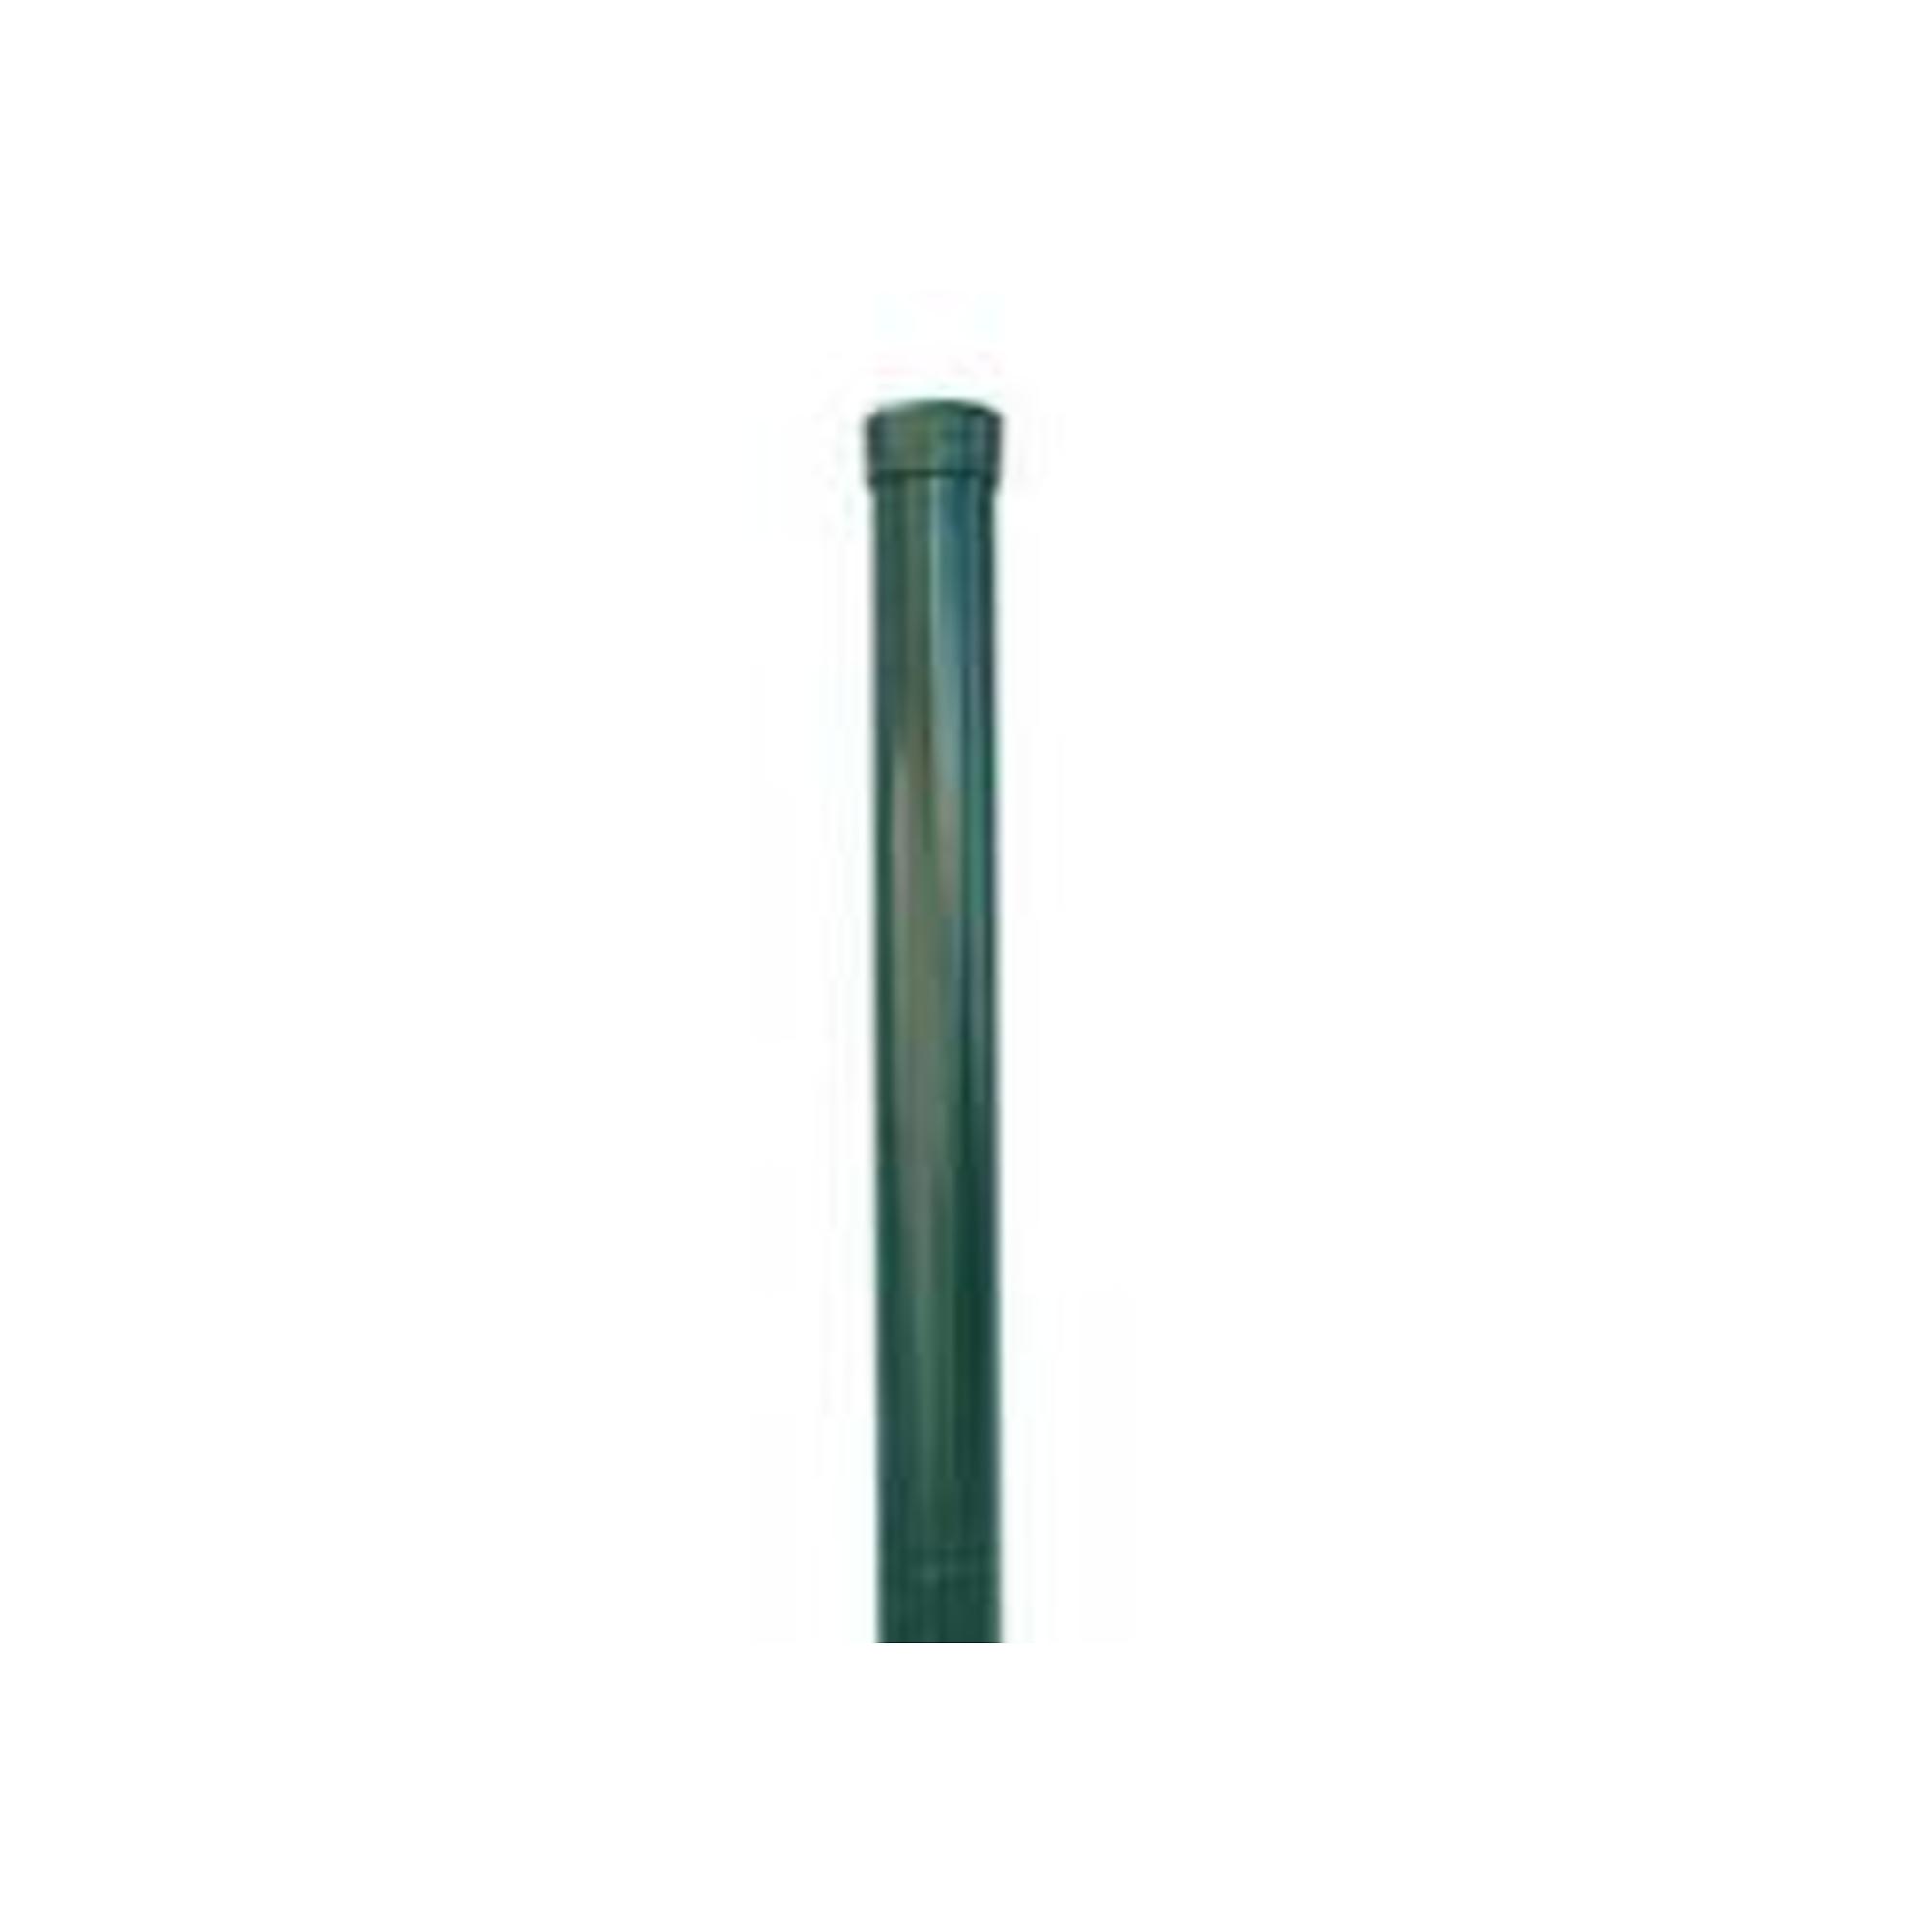 BPL oszlop 4000mm 60mm átmérő talp nélkül RAL6005